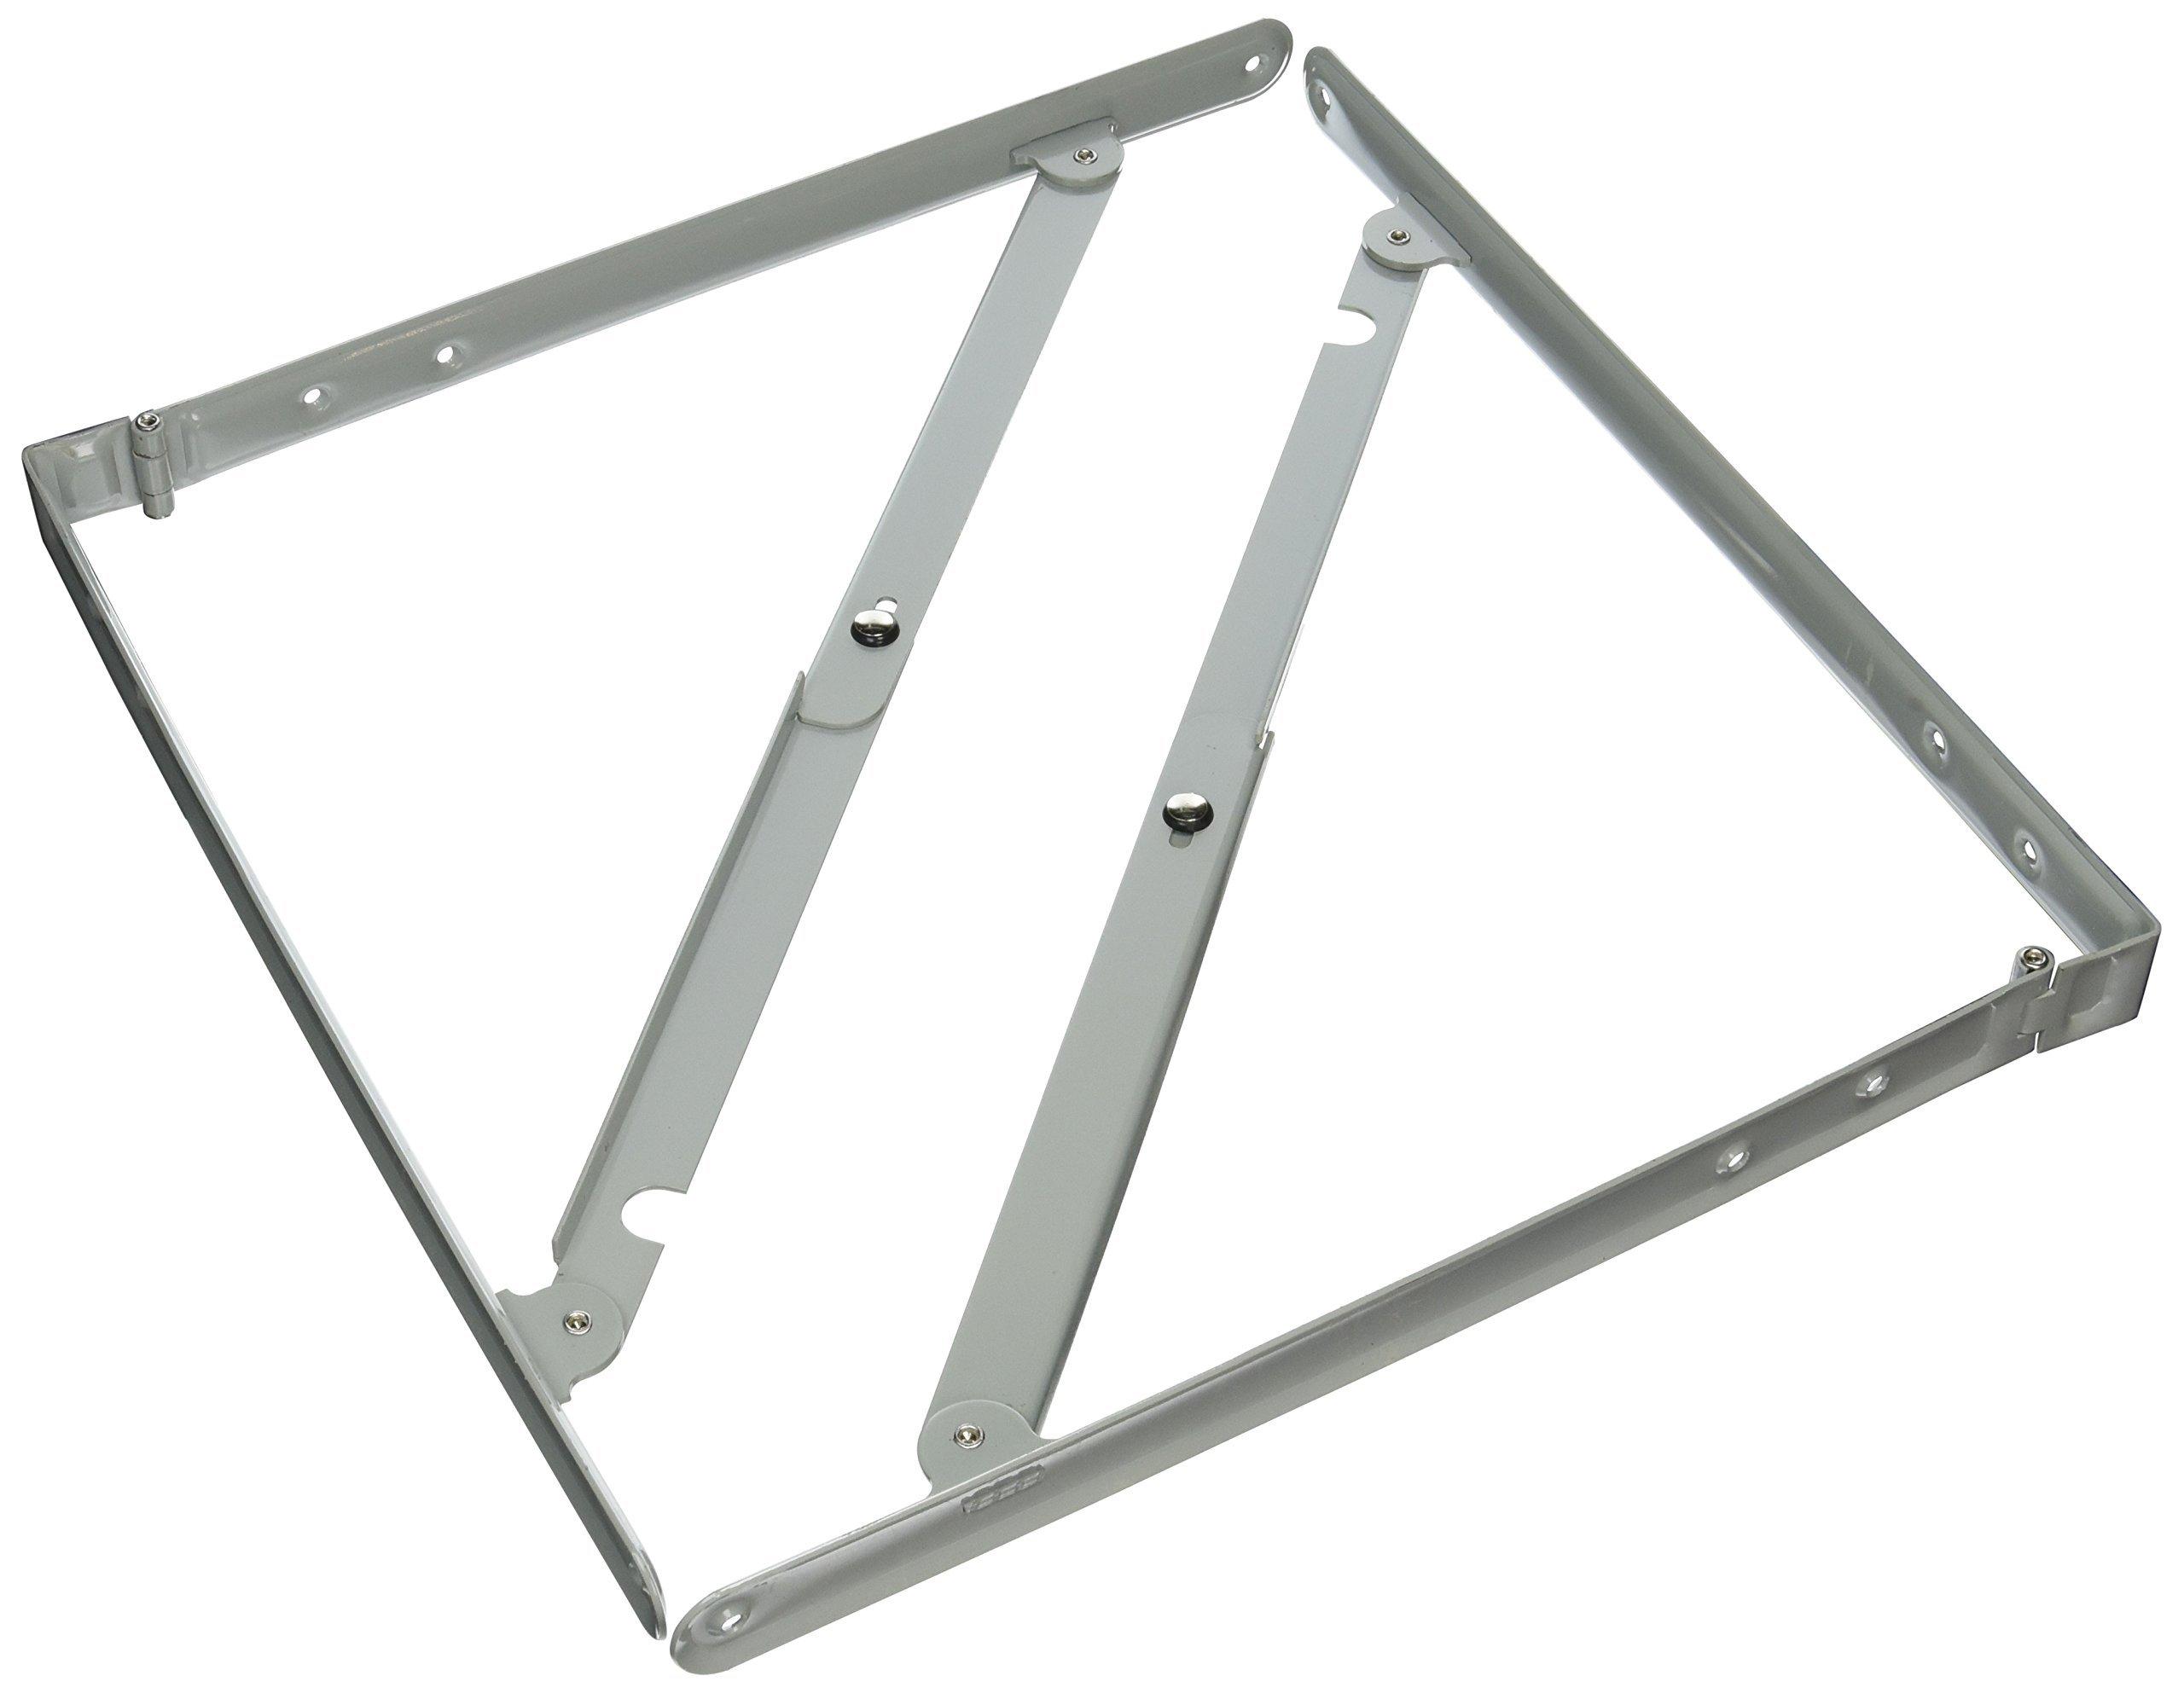 Folding Shelf Bracket Sp1794 8in X 8in Sold In Pairs by Parker